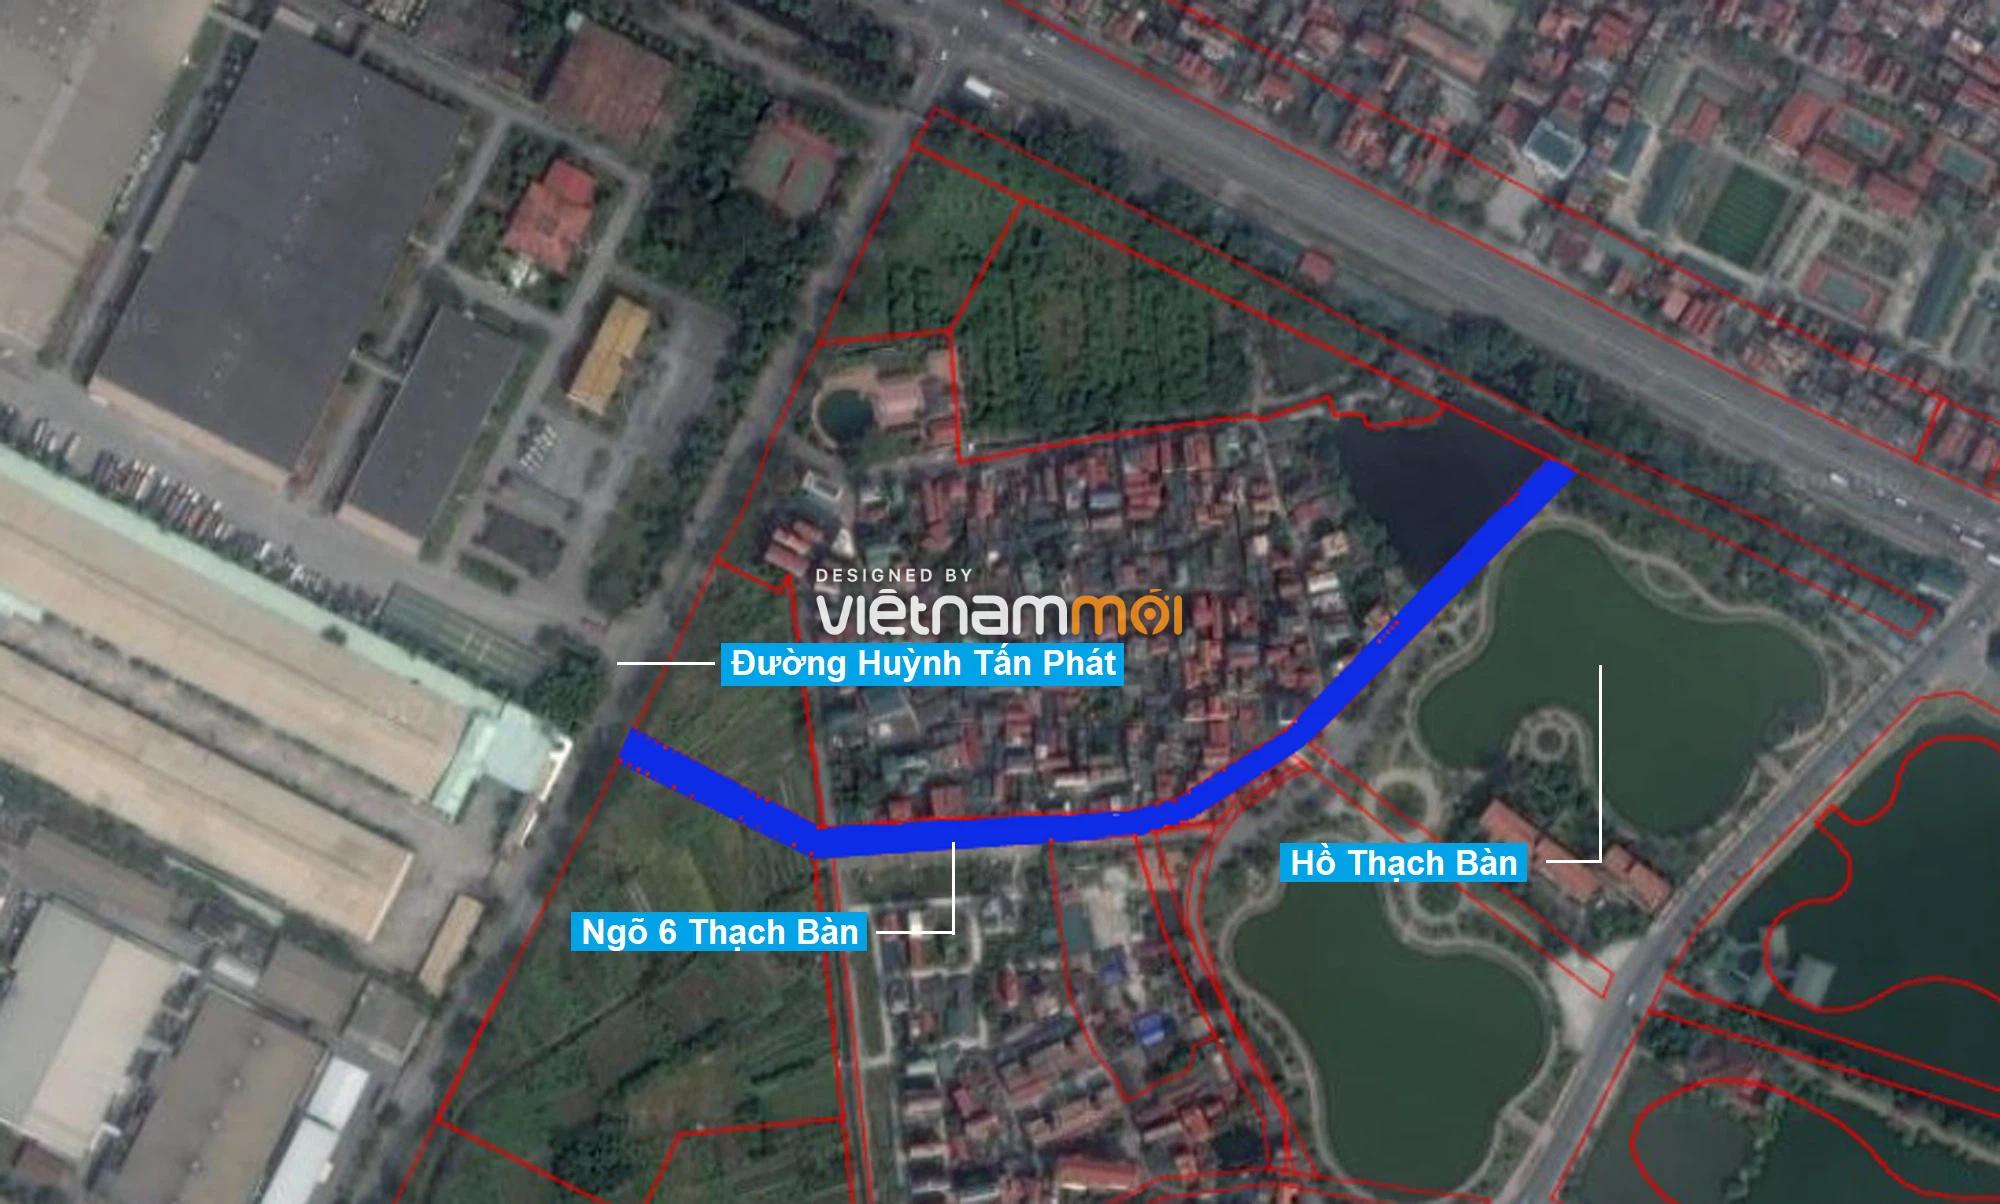 Những khu đất sắp thu hồi để mở đường ở phường Thạch Bàn, Long Biên, Hà Nội (phần 3) - Ảnh 2.